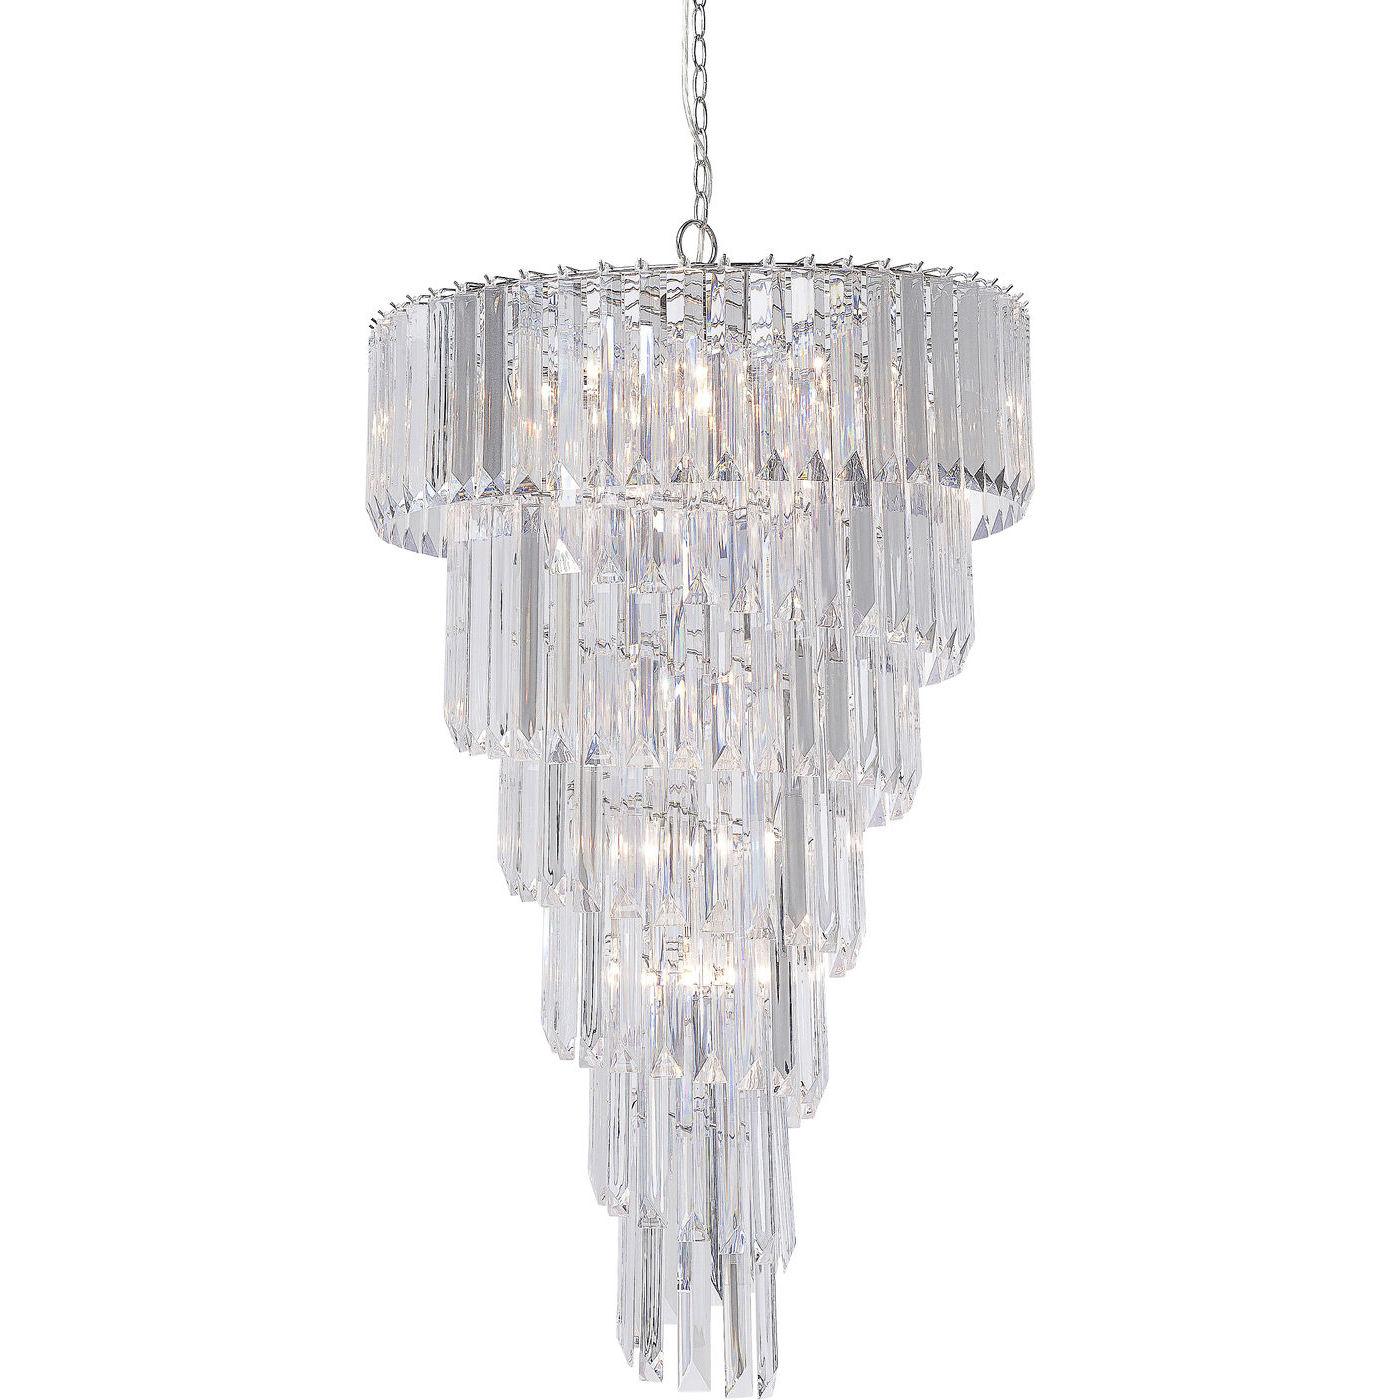 loftslampe bergkristall 13 lite krystalst nger lakeret. Black Bedroom Furniture Sets. Home Design Ideas